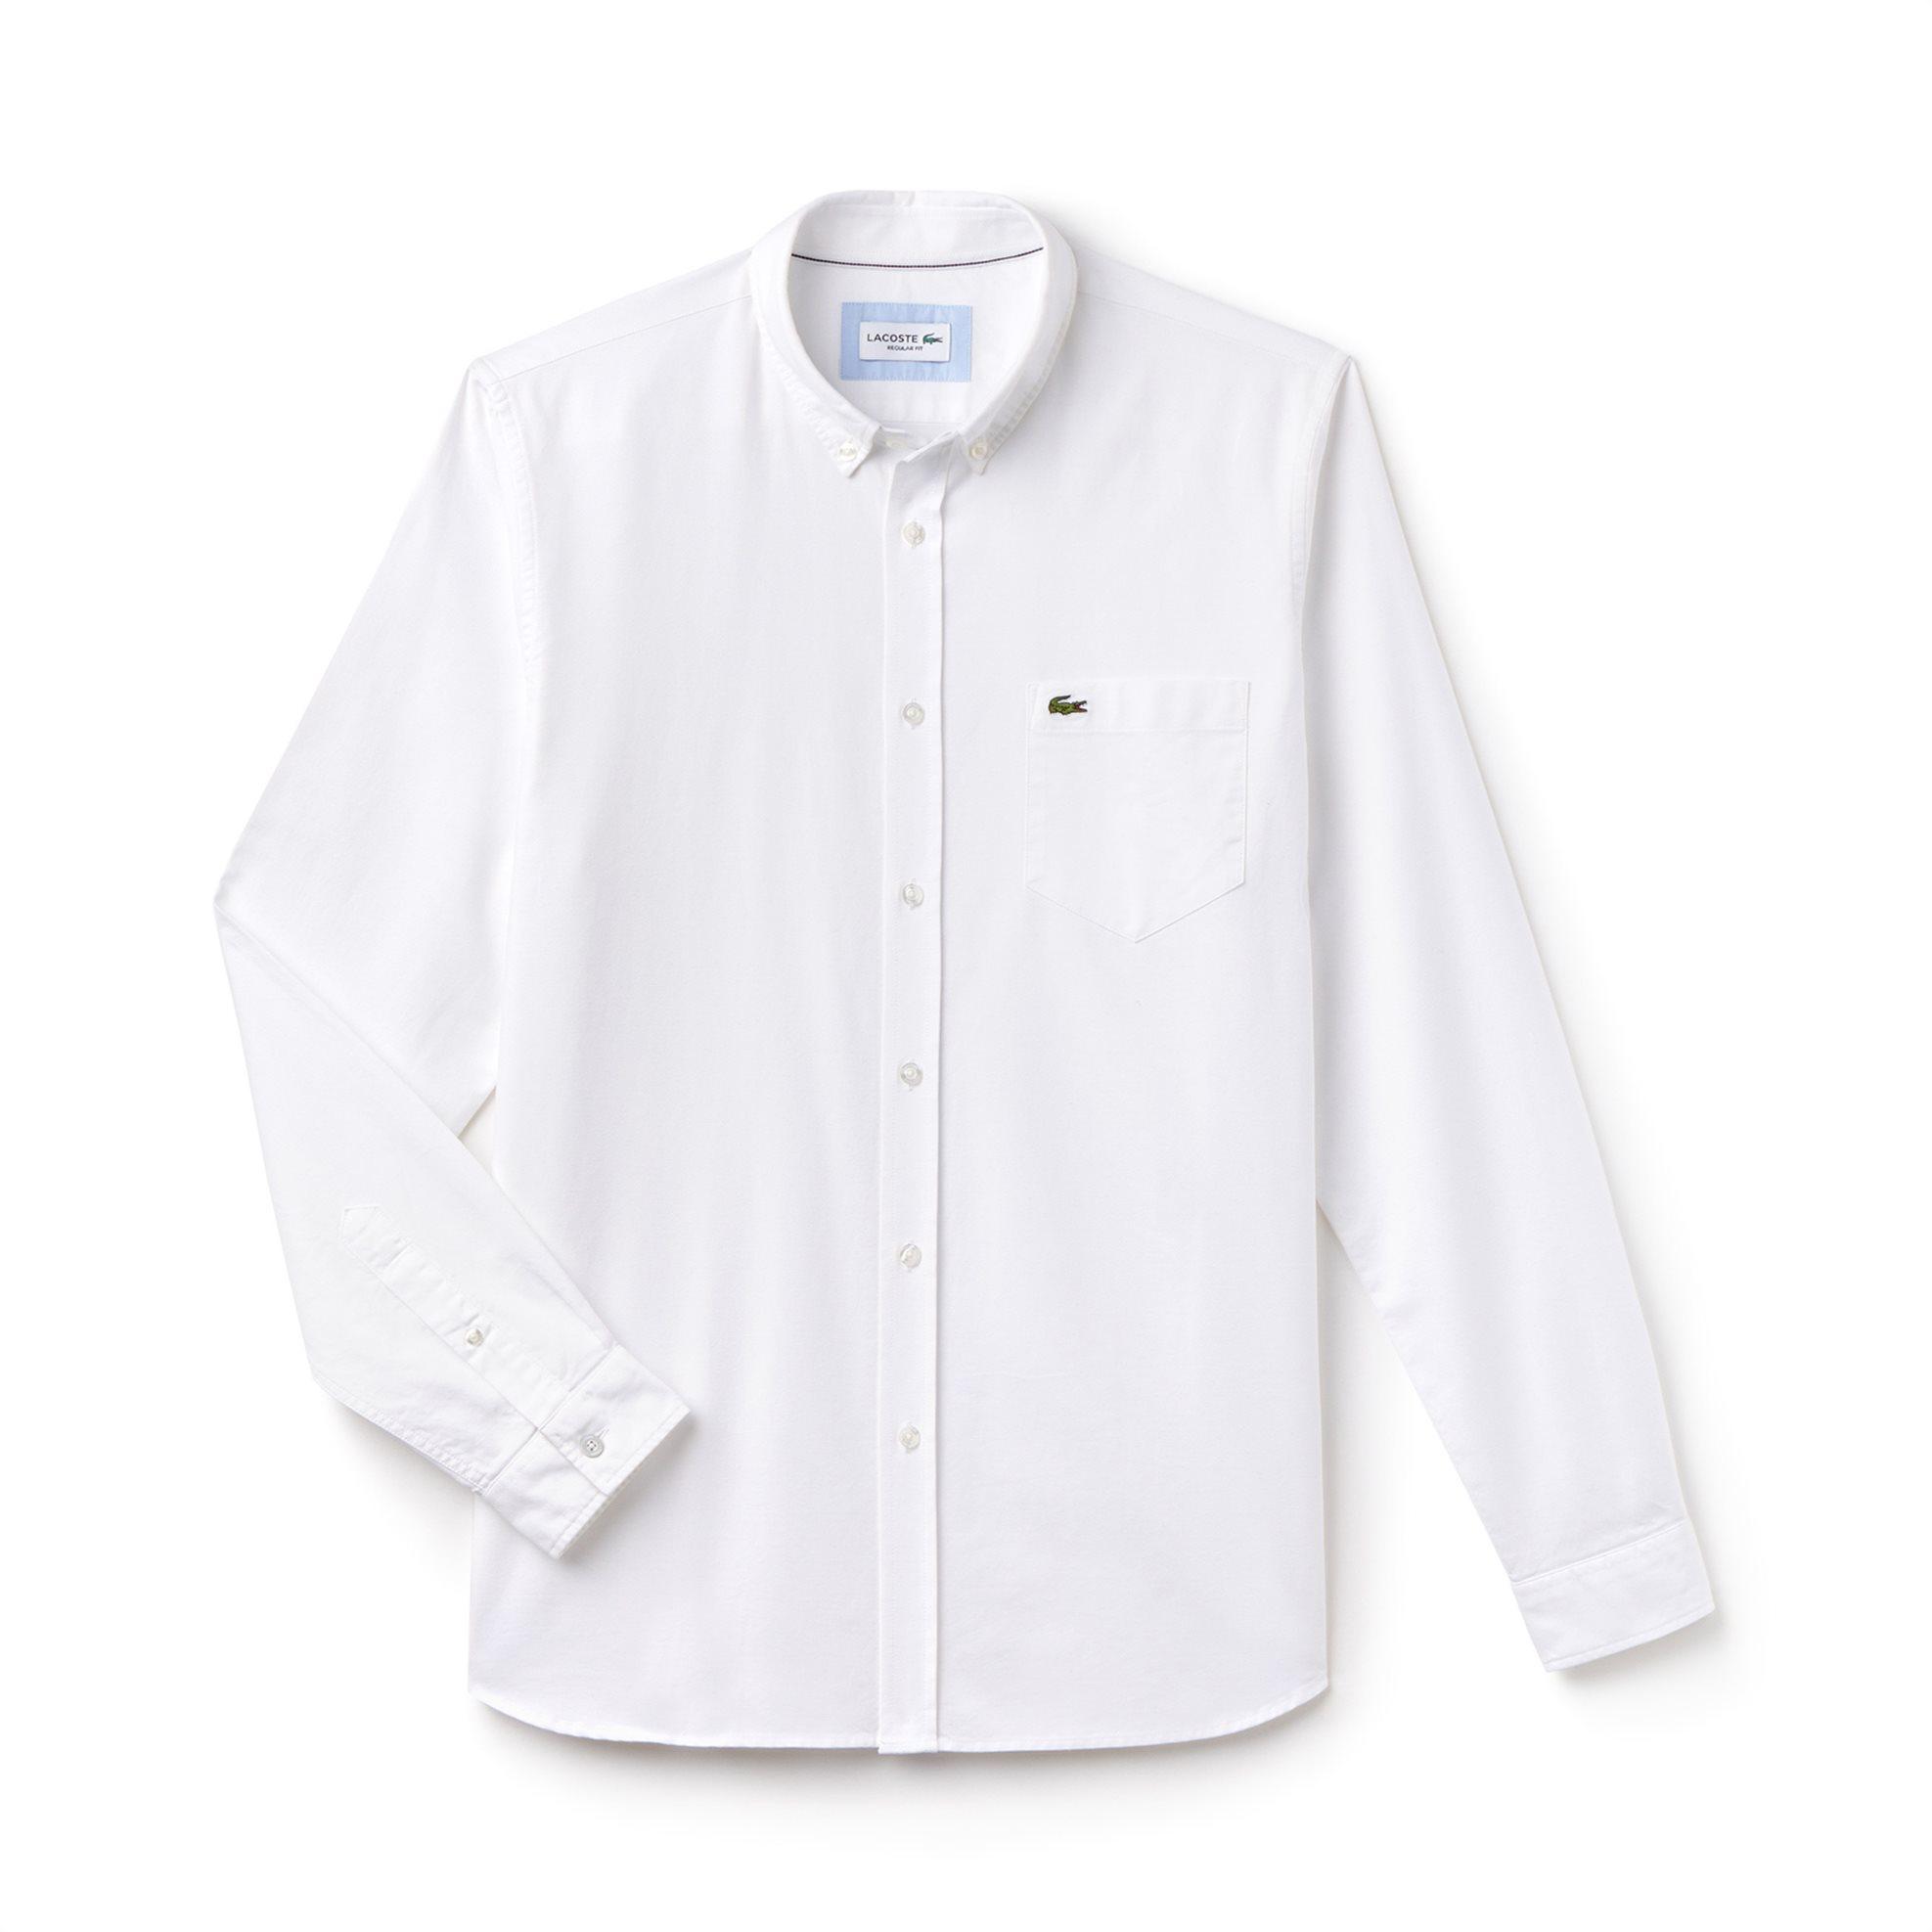 Ανδρικό πουκάμισο μονόχρωμο Spring Bloom Lacoste - CH4976 - Λευκό ανδρασ   ρουχα   πουκάμισα   casual   επίσημα   βραδυνά